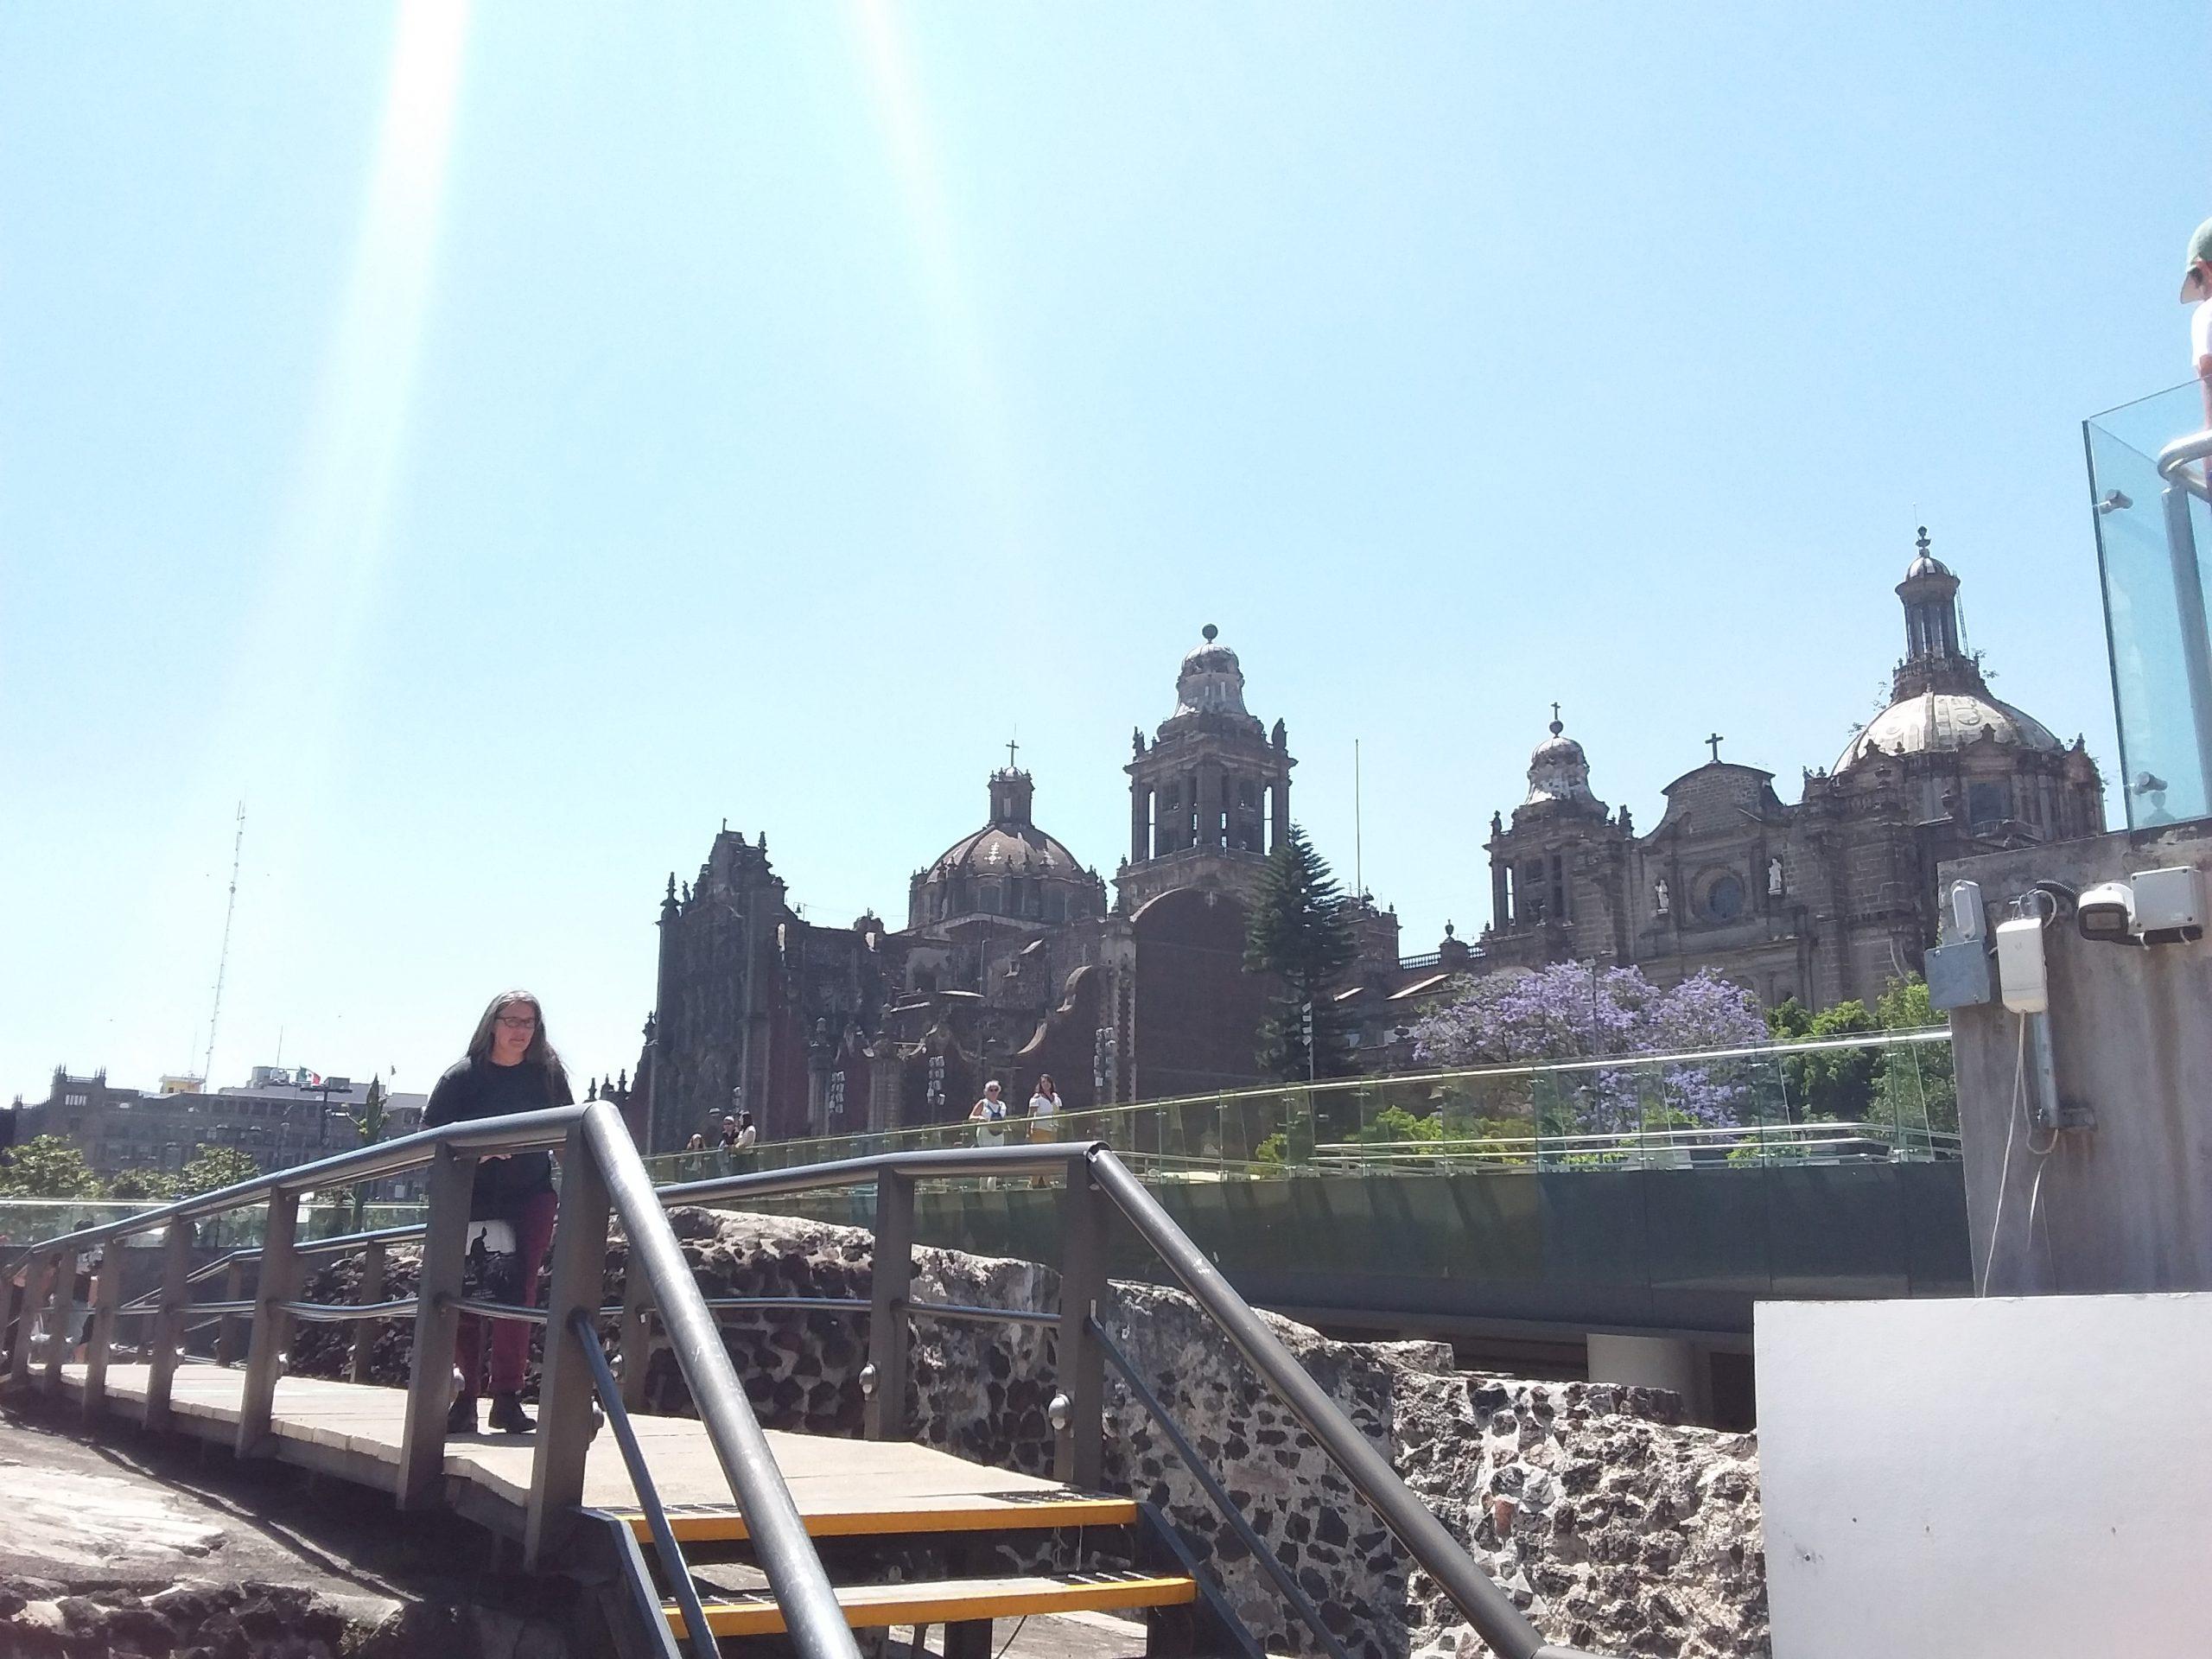 Cathédrale métropolitaine de mexico city